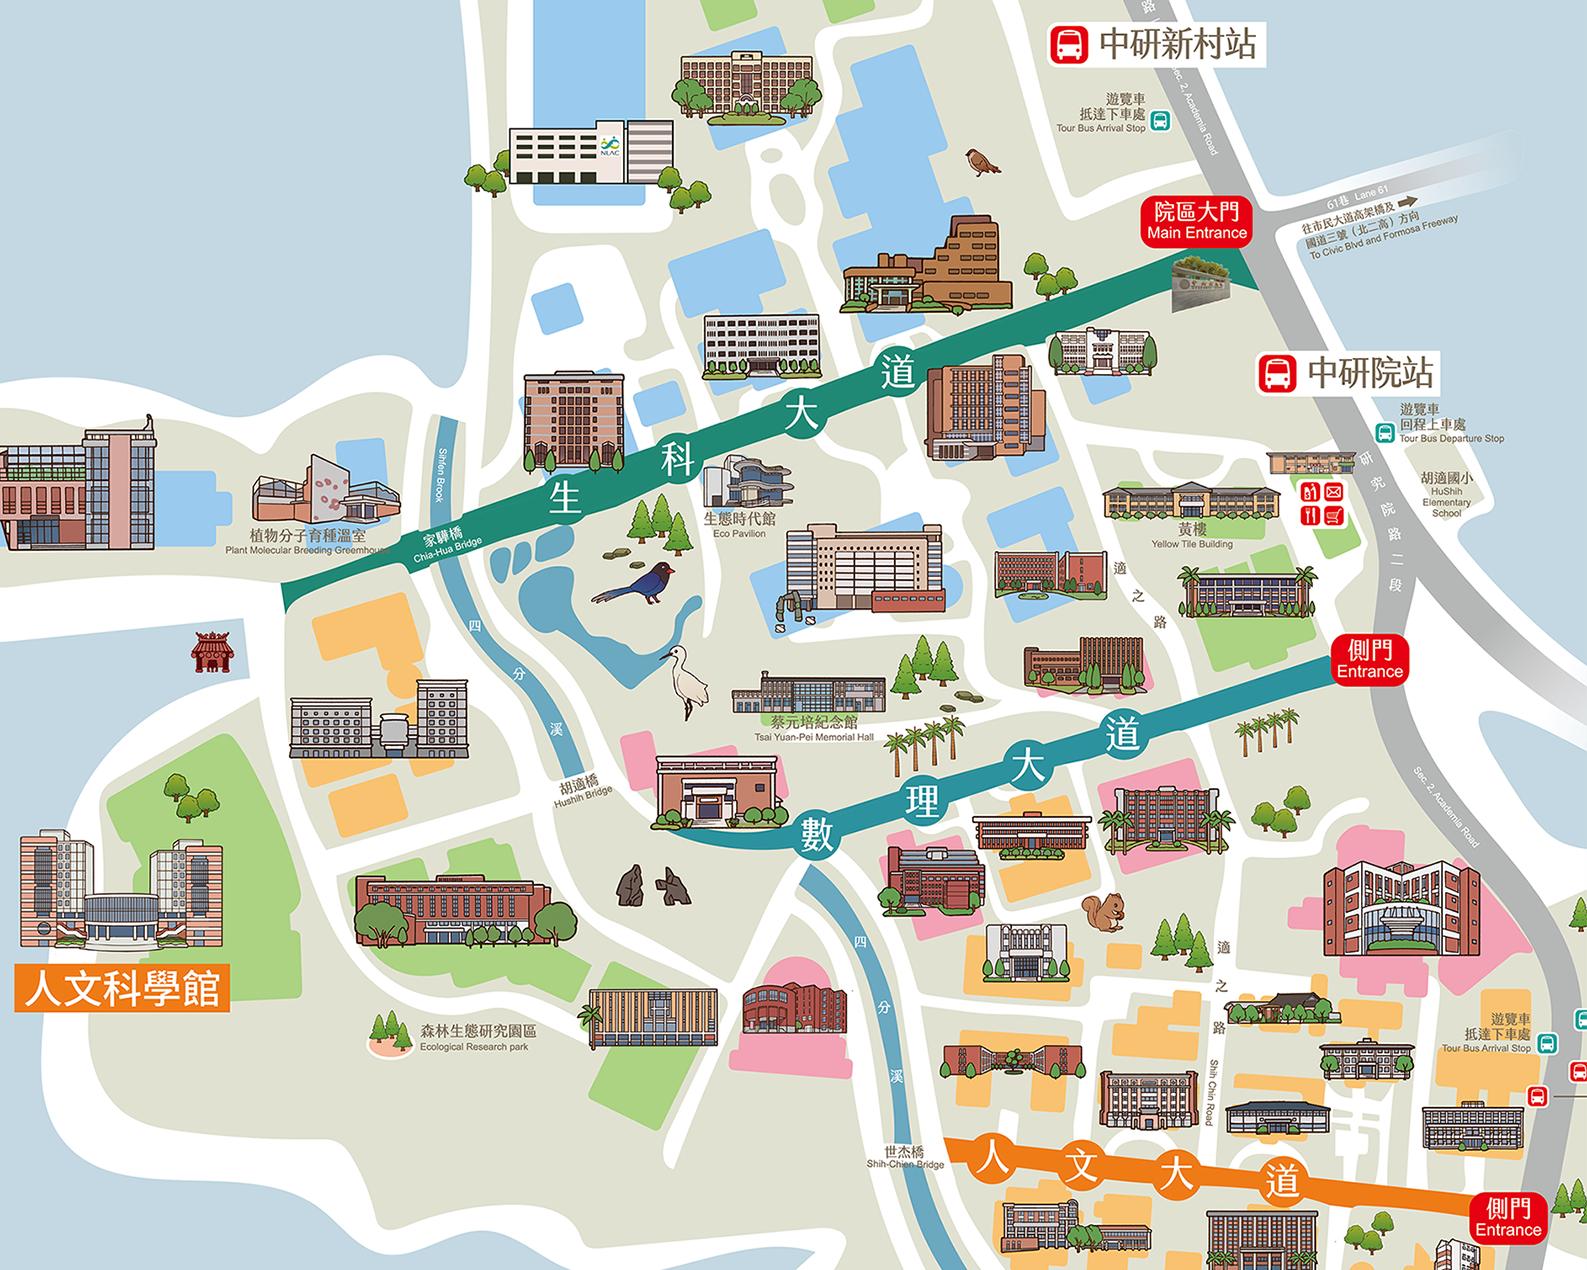 中研院有三個大門,分別對應生科大道、數理大道、人文大道。顧名思義,該領域的展館通常坐落於該大道。 資料來源│完整地圖(桌機版)、活動導覽 APP (iOS)、活動導覽 APP (Android)